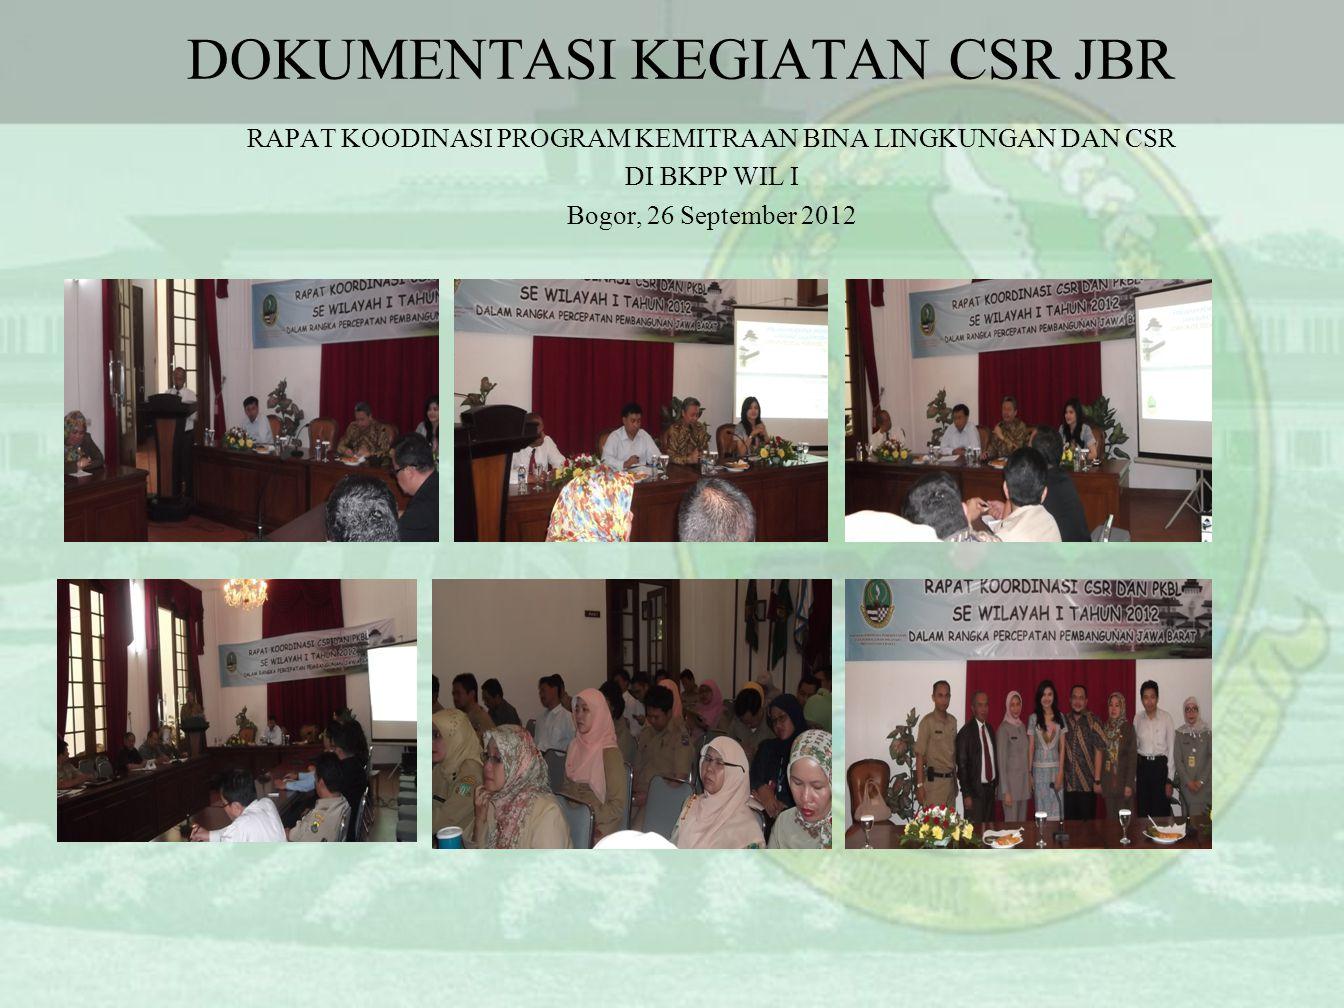 DOKUMENTASI KEGIATAN CSR JBR RAPAT KOODINASI PROGRAM KEMITRAAN BINA LINGKUNGAN DAN CSR DI BKPP WIL I Bogor, 26 September 2012